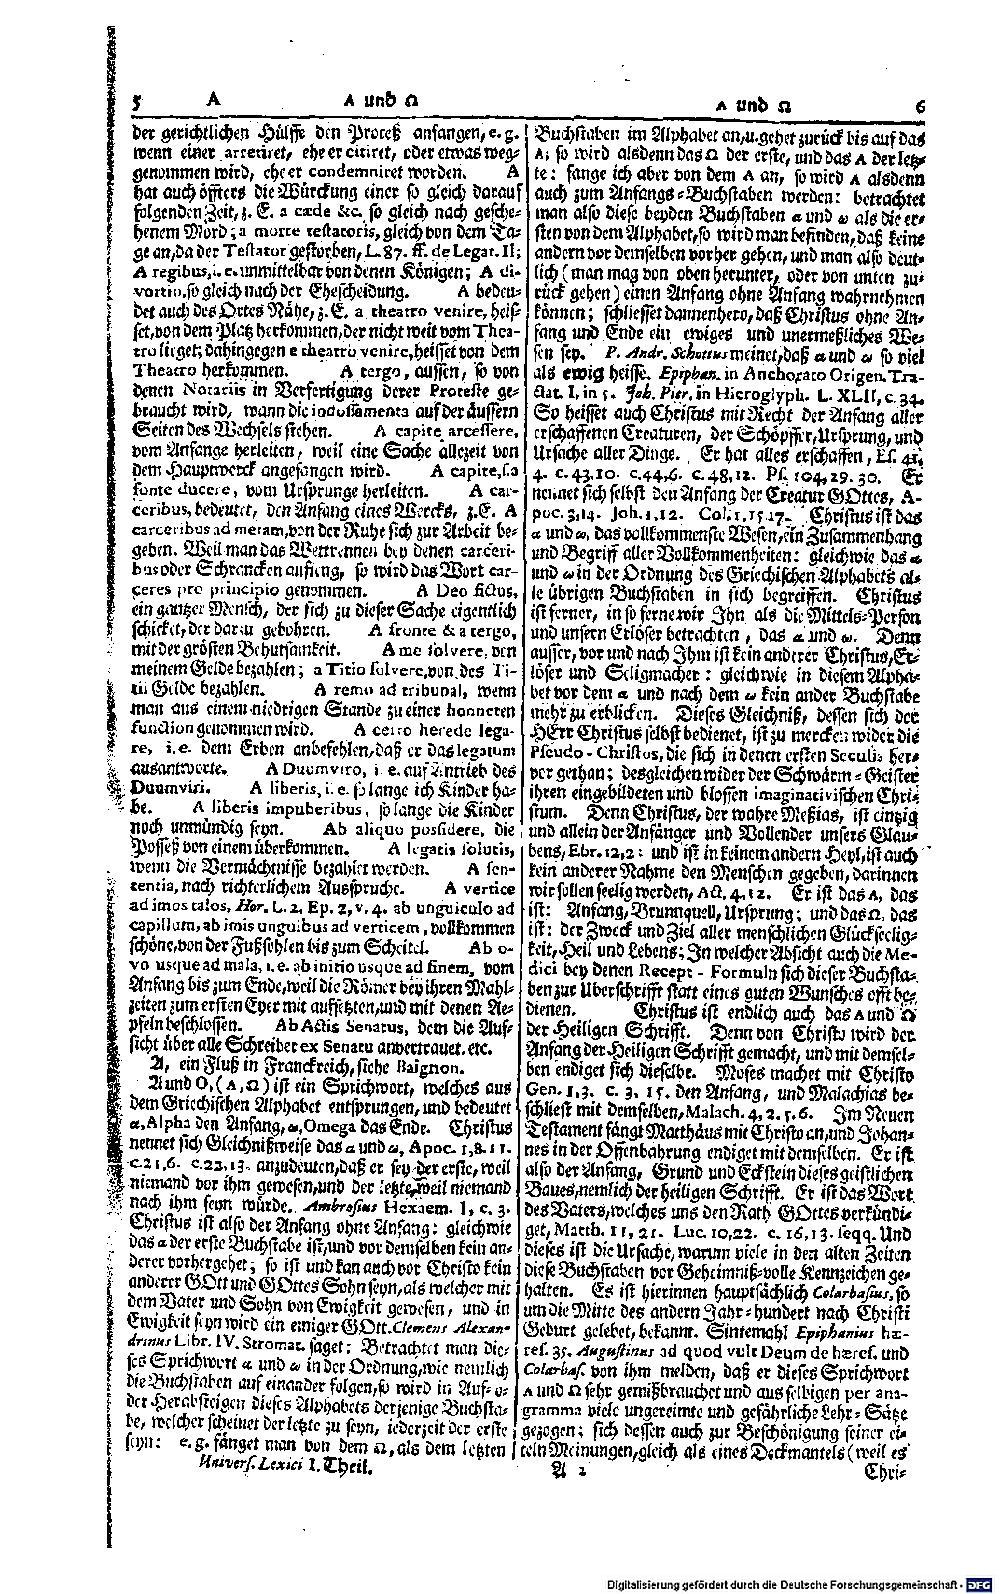 Bd. 1, Seite 0042.